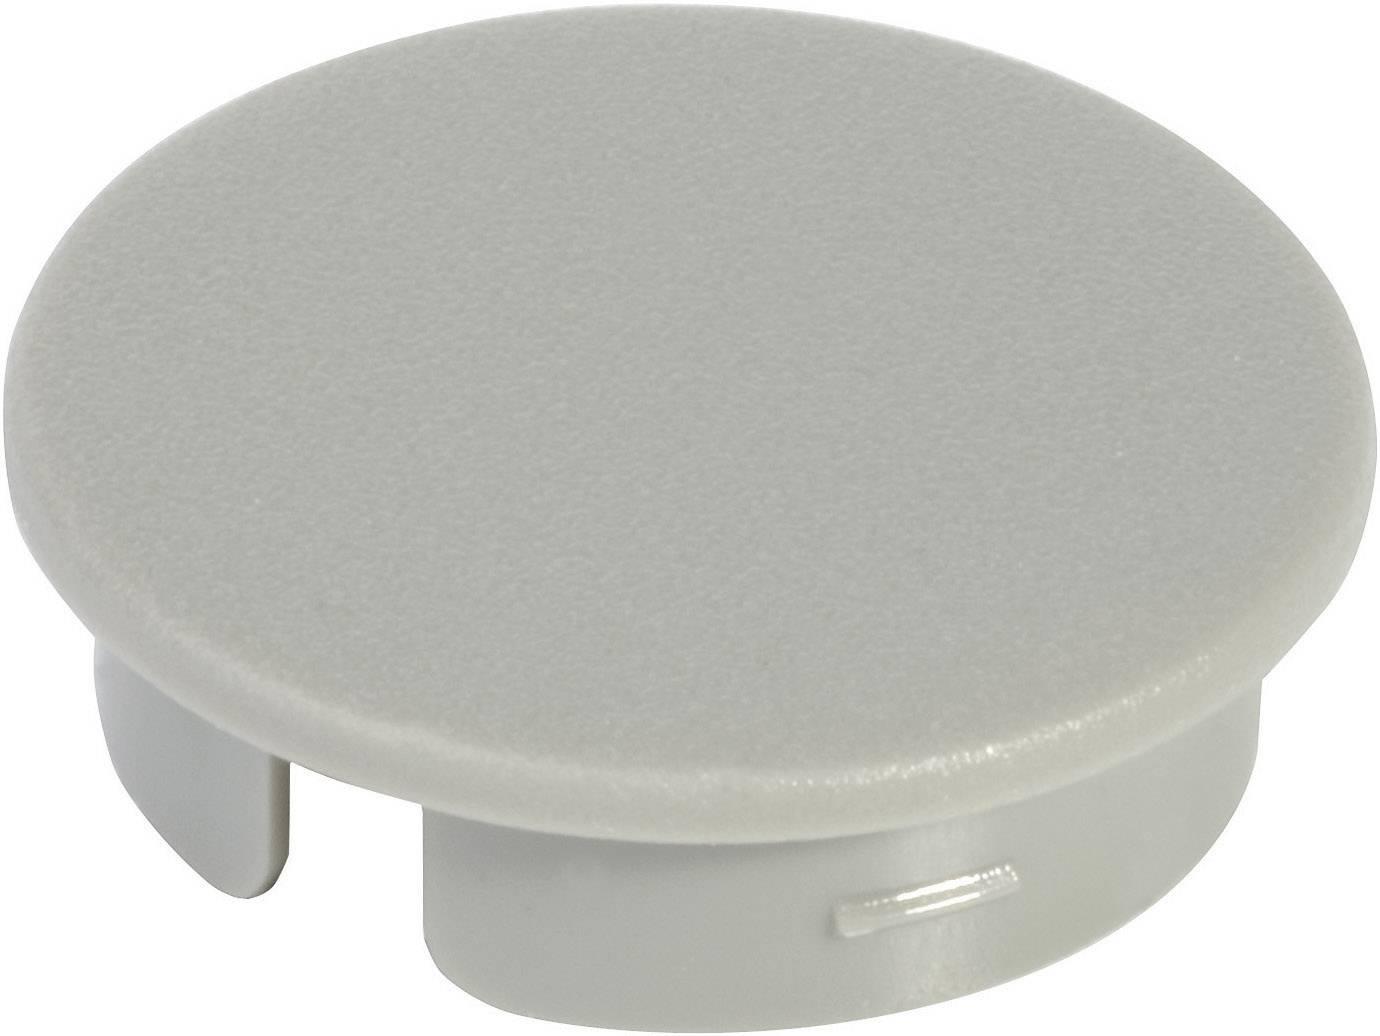 Krytka na otočný knoflík bez ukazatele OKW, pro knoflíky/O 13,5 mm, šedá